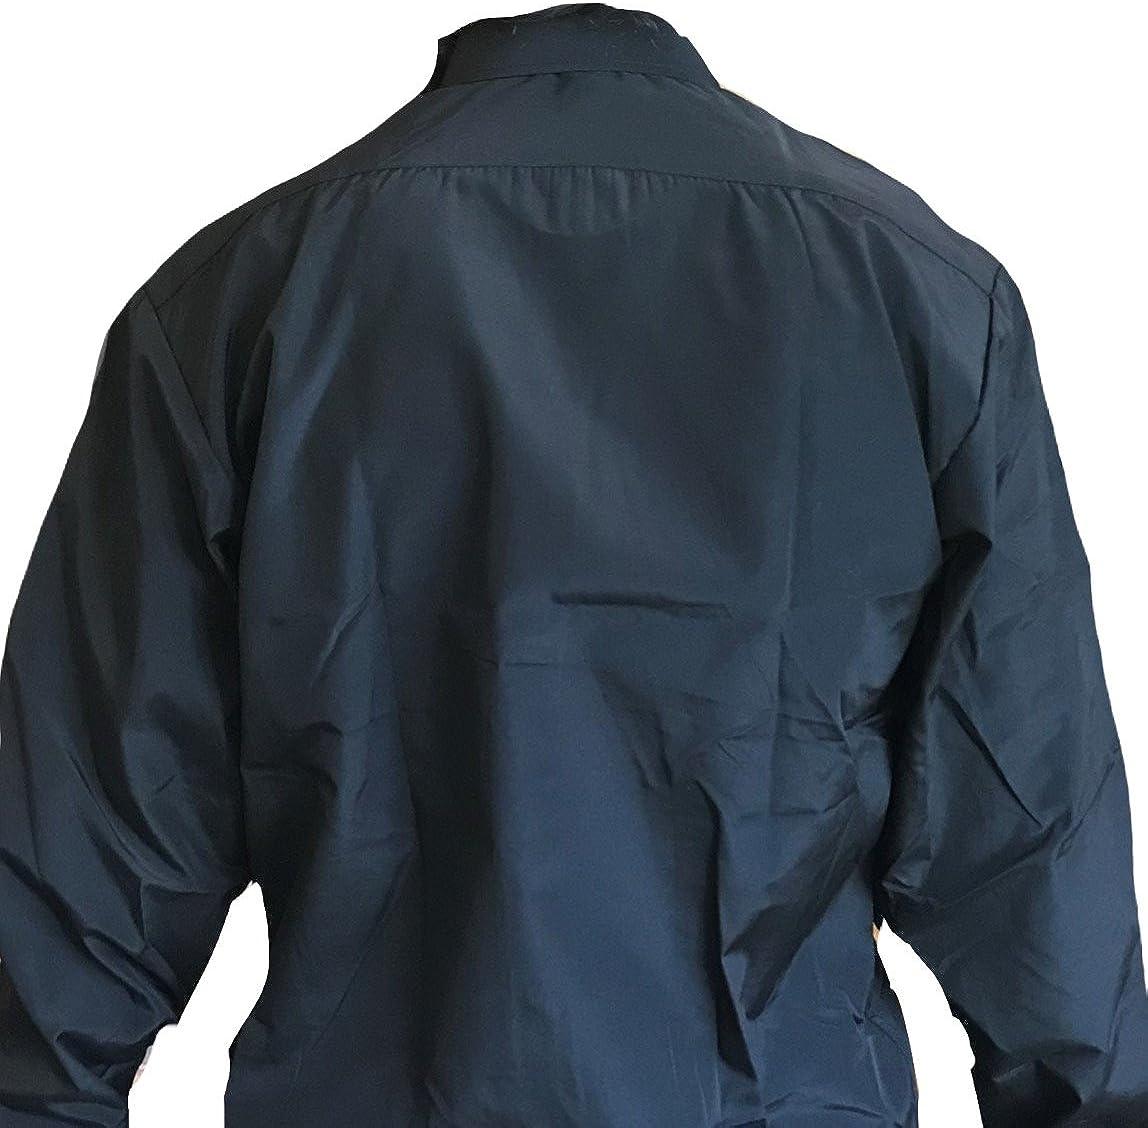 Camicia formale nera taglie dai 6 mesi ai 15 anni